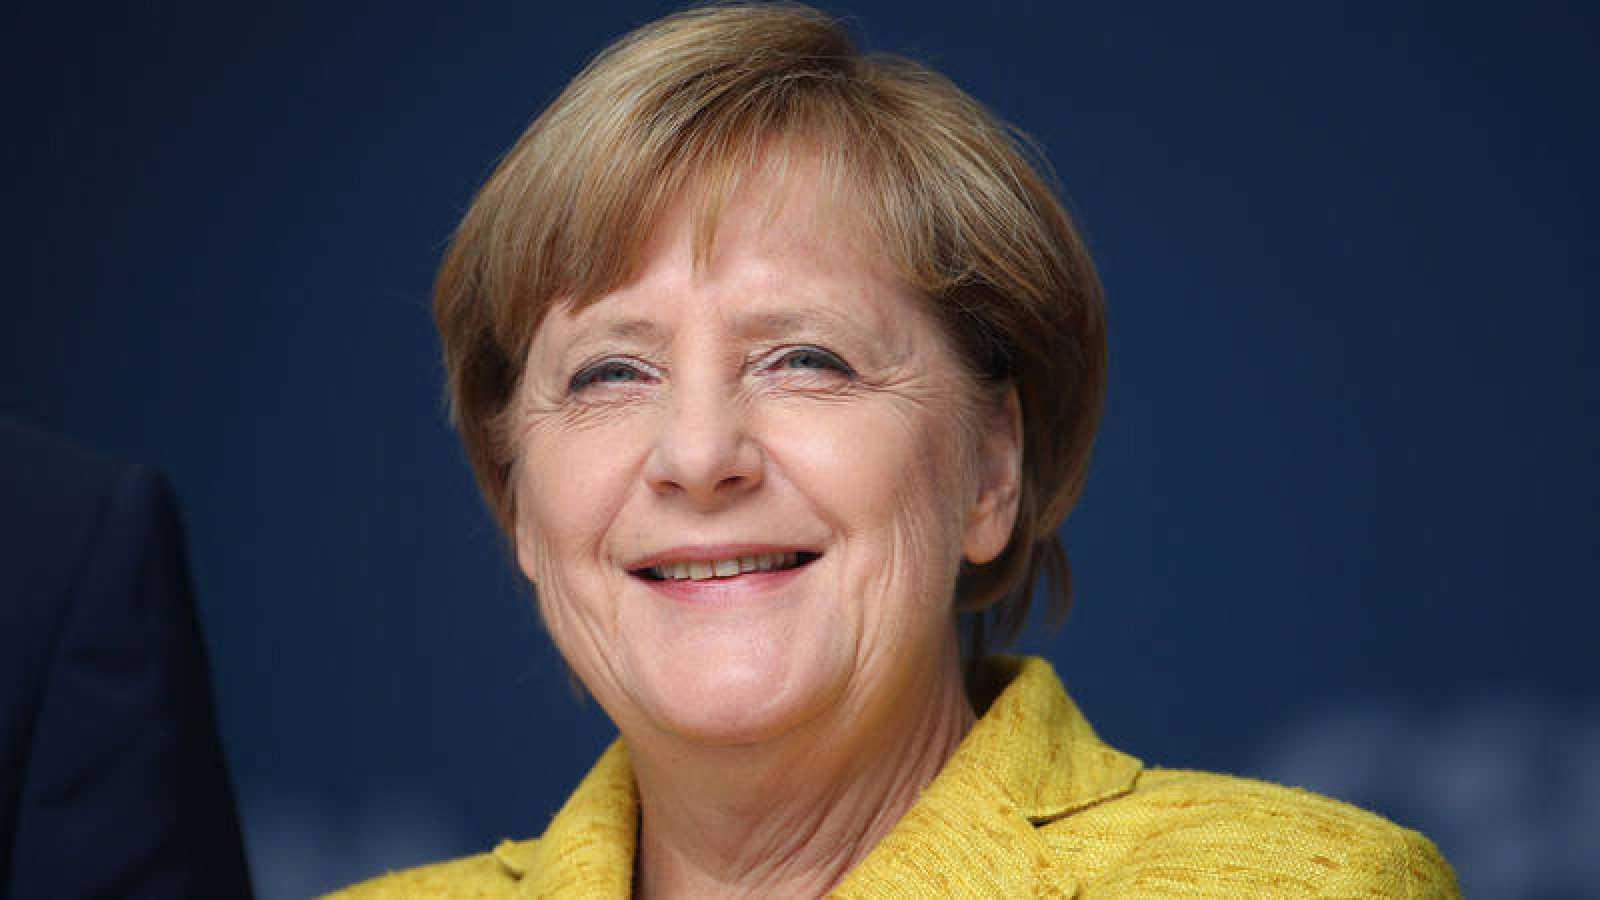 La canciller alemana acumula doce años en el poder